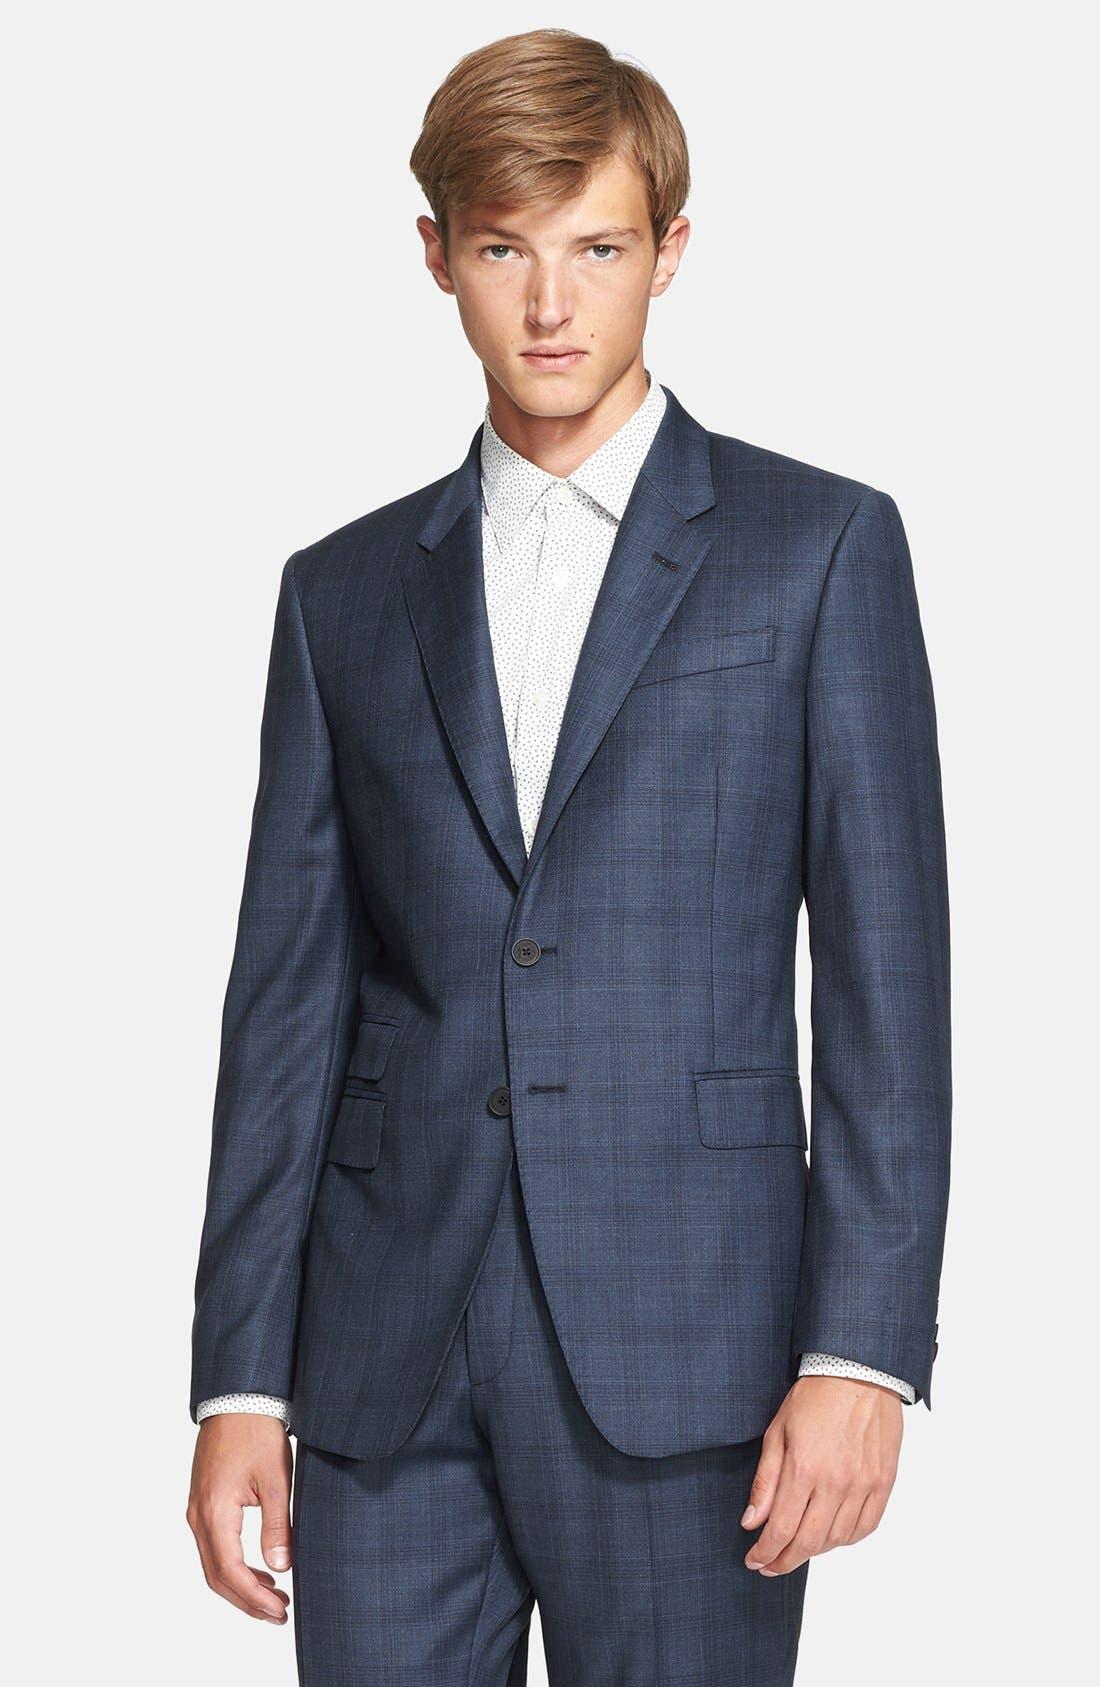 'Byard' Trim Fit Plaid Suit,                             Alternate thumbnail 2, color,                             414